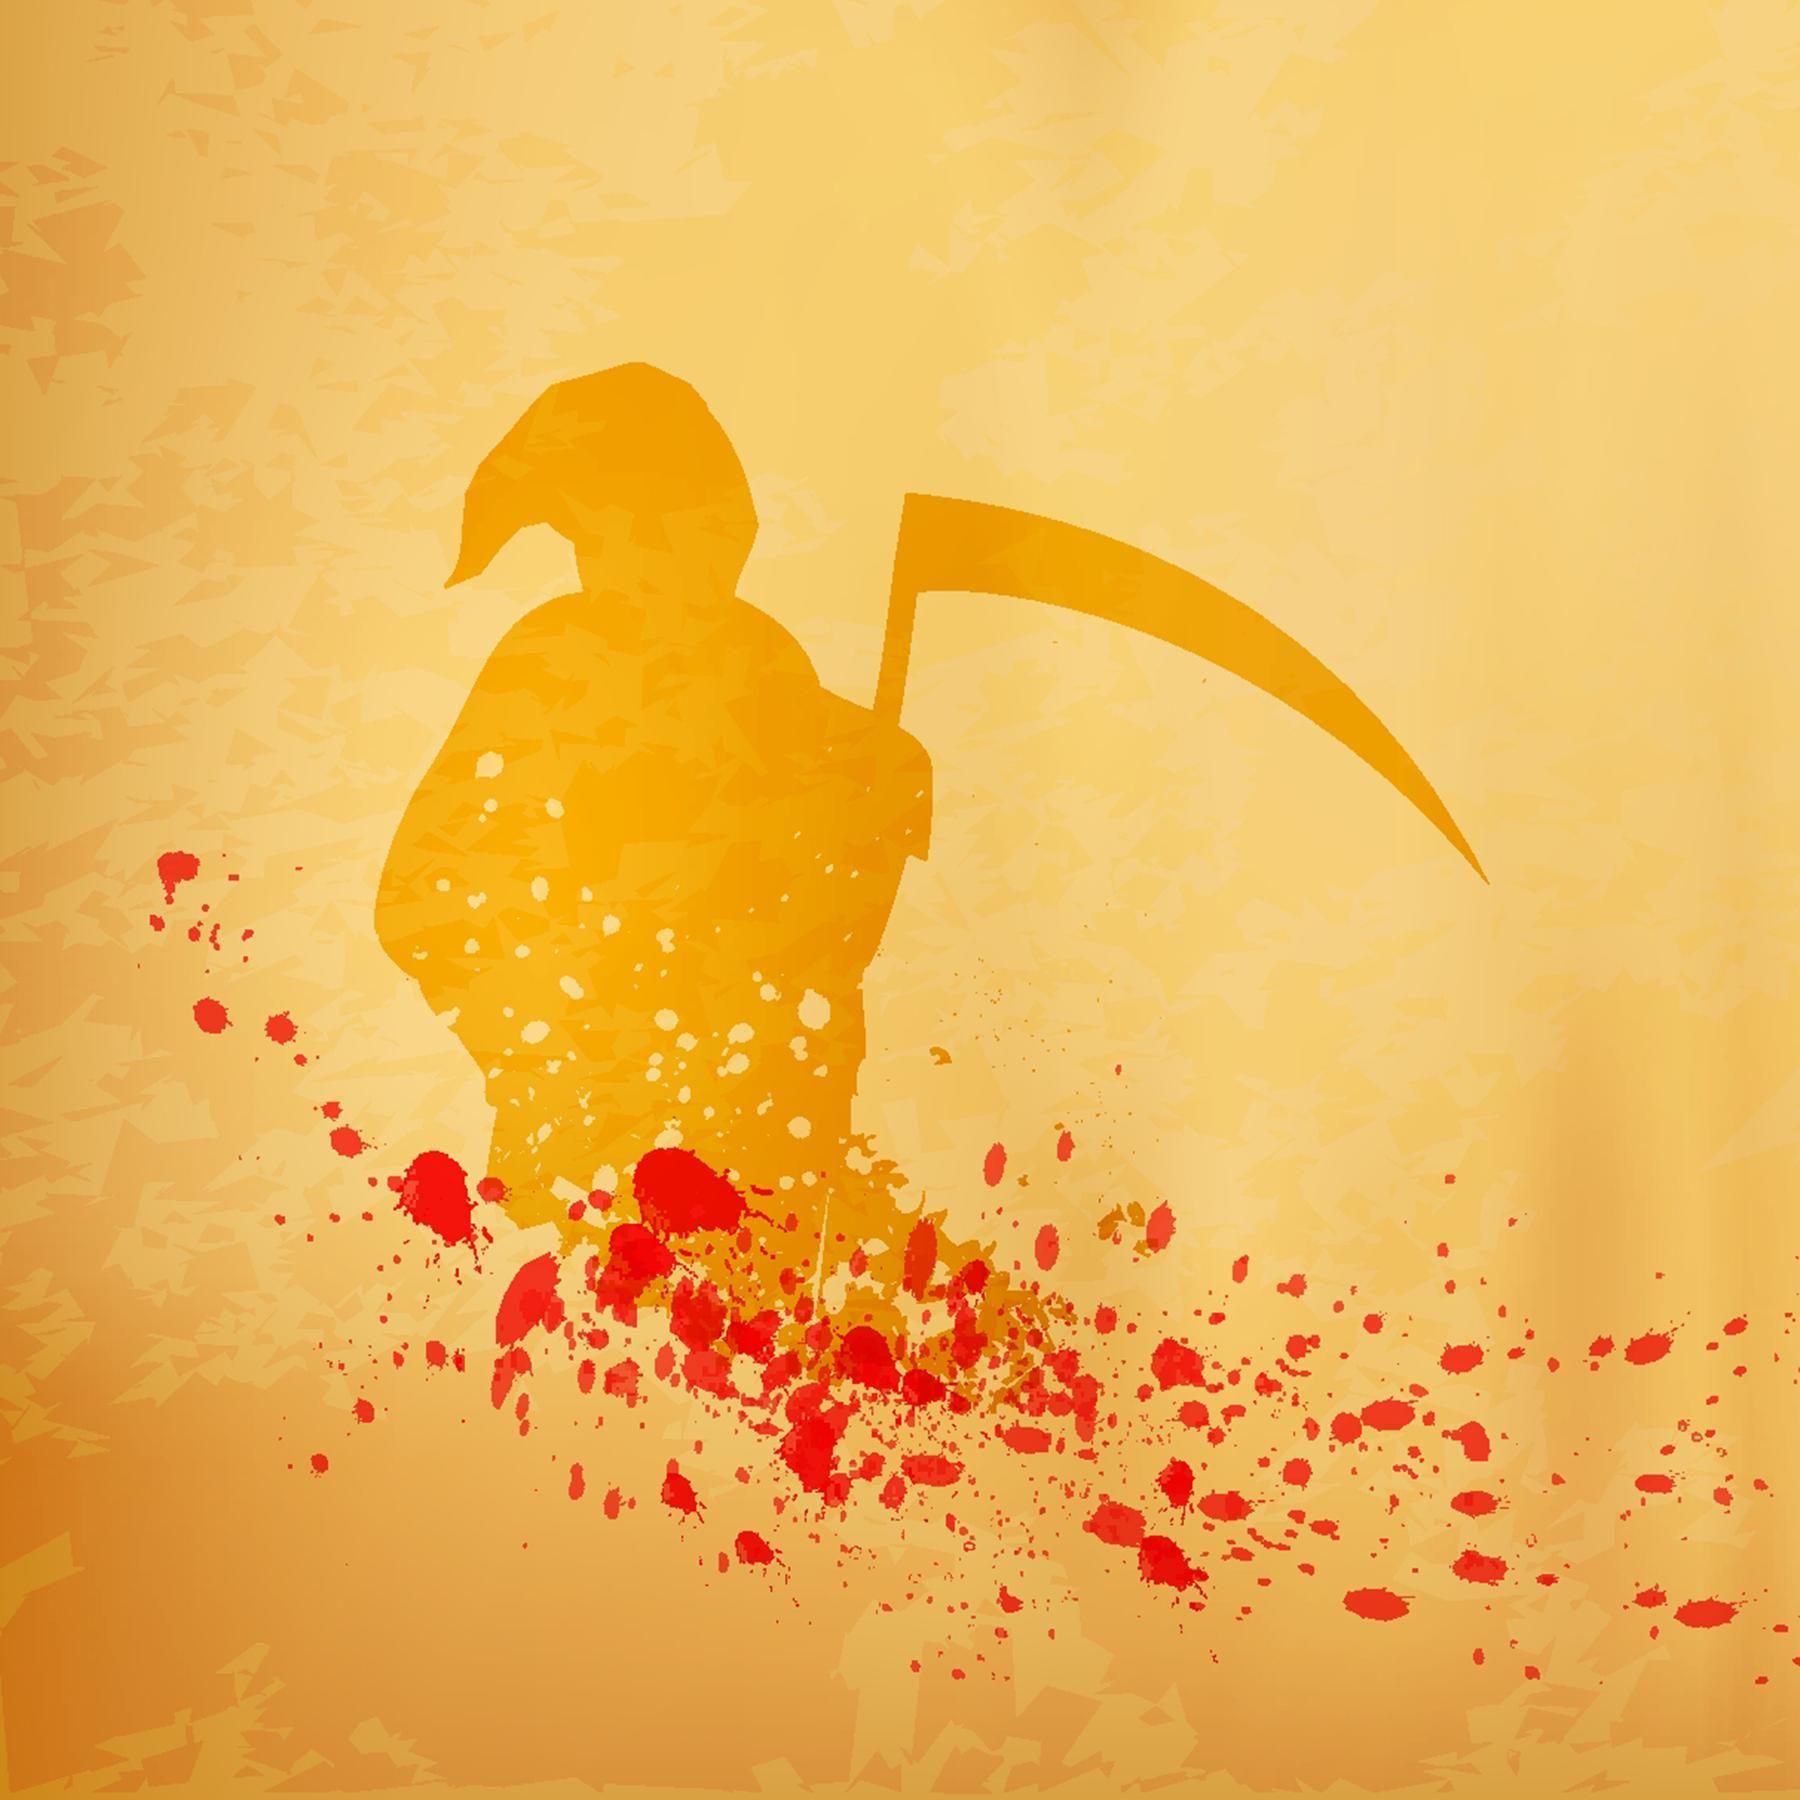 Unsterblichkeit - Ein in Erfüllung gehender (Alb-)Traum?